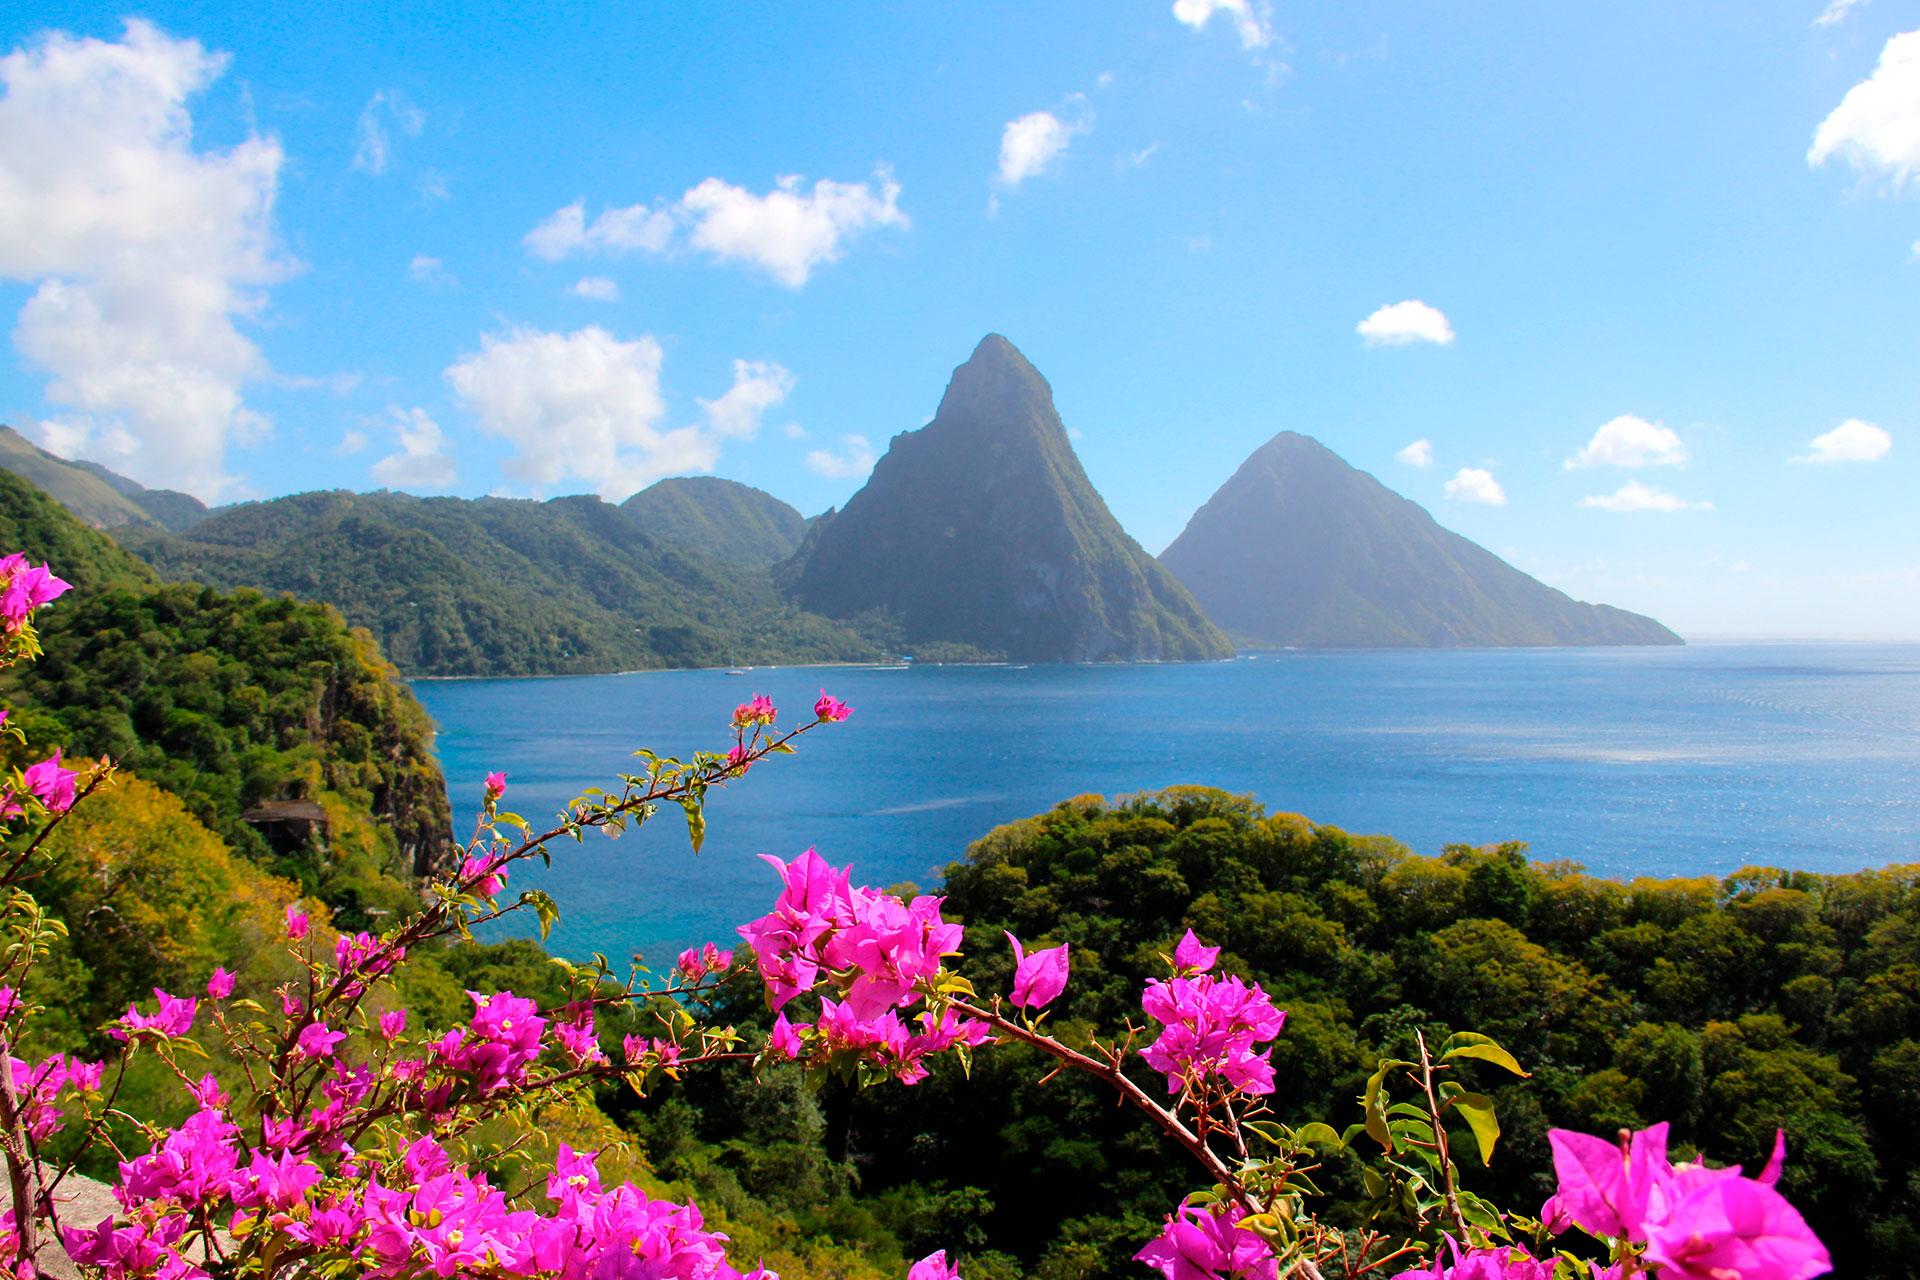 El paisaje de Santa Lucía se puede resumir en un sitio asombroso: un dúo de impresionantes agujas conocidas como Pitons. Los dos picos volcánicos, Gros Piton y Petit Piton, son los lugares más emblemáticos de la isla y los visitantes pueden disfrutarlos de diversas formas. Una experiencia absoluta en la lista de deseos tiene que ser caminar por las montañas, una actividad que toma la mayor parte del día